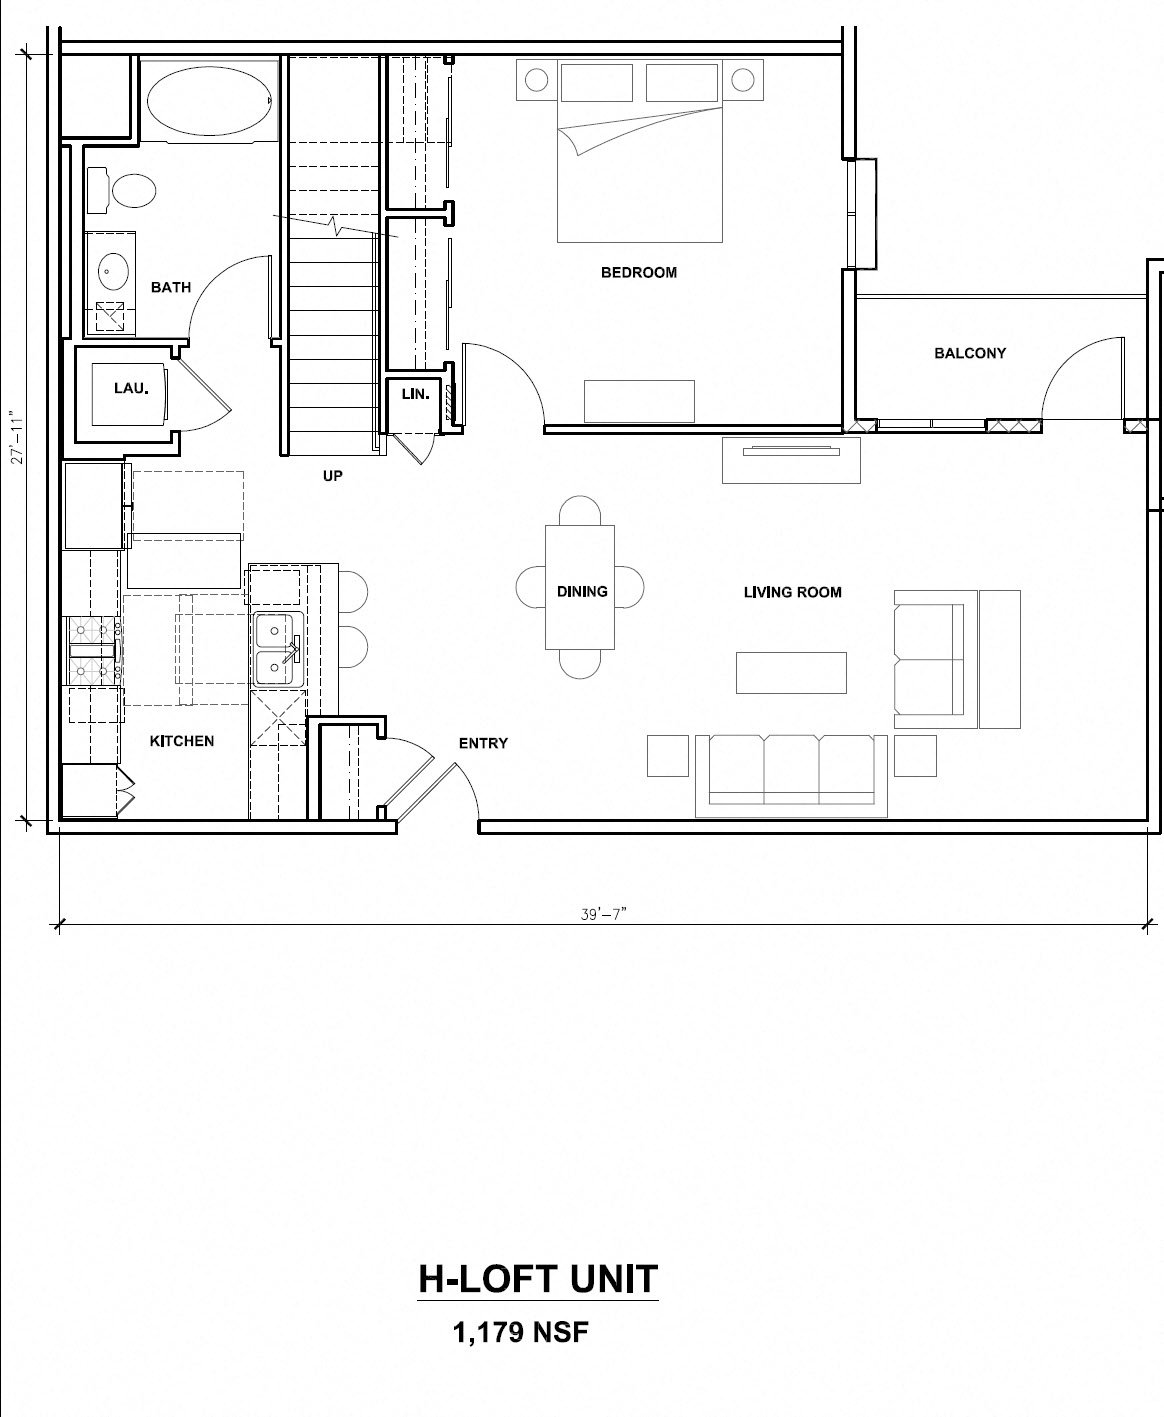 Mira, H-Loft Unit, 1x1, 1179 sf